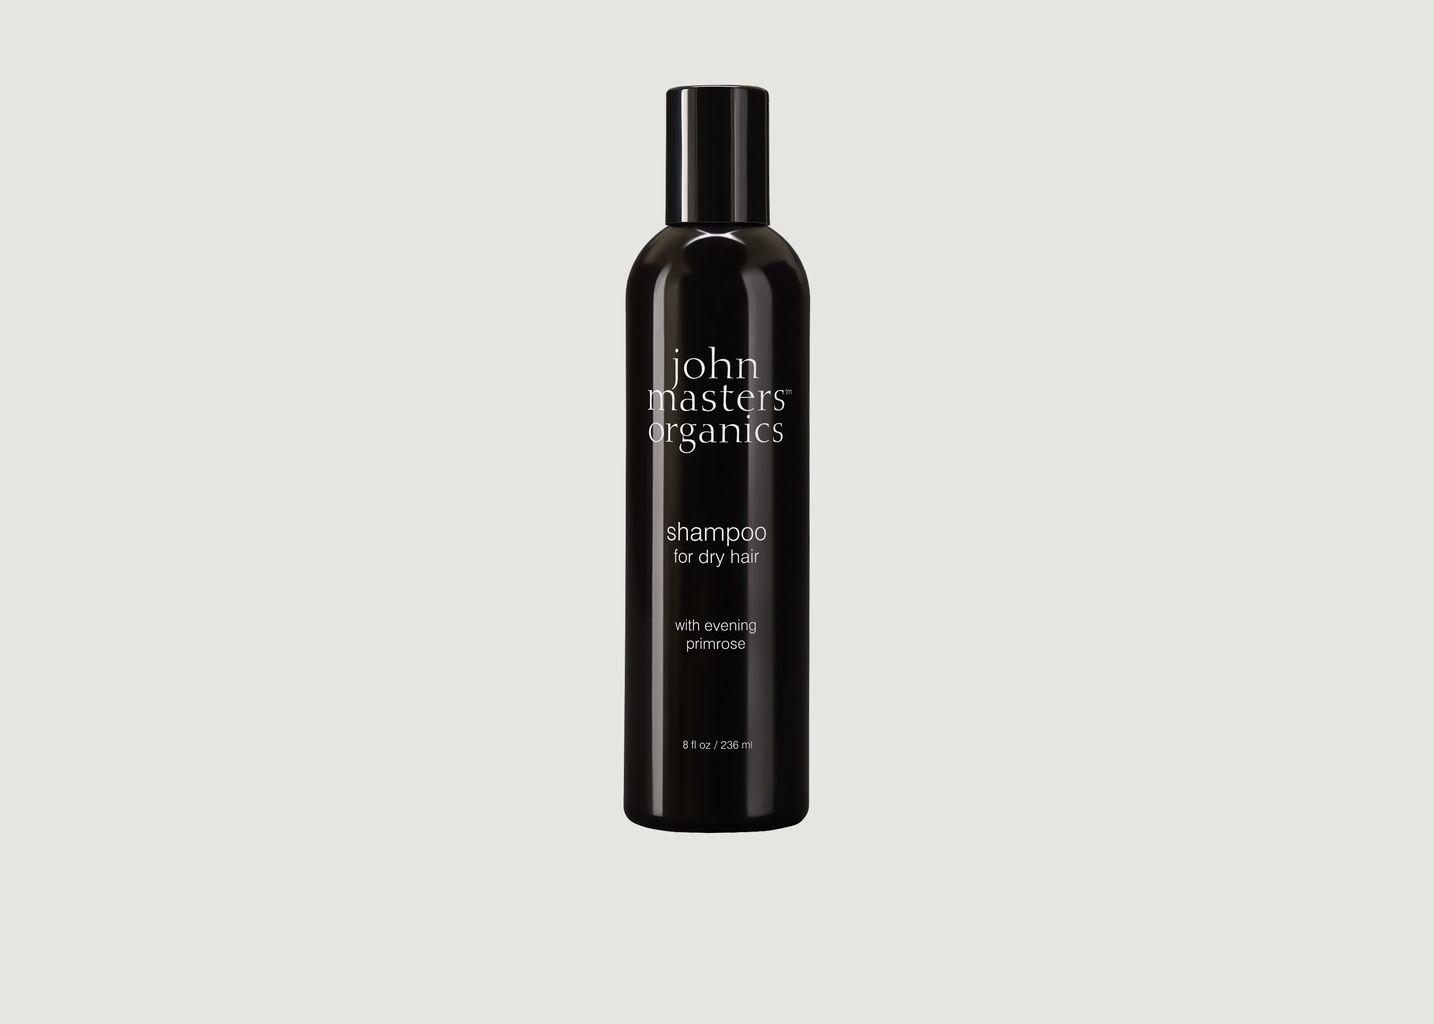 Shampoing pour cheveux secs à l'huile d'onagre - John Masters Organics